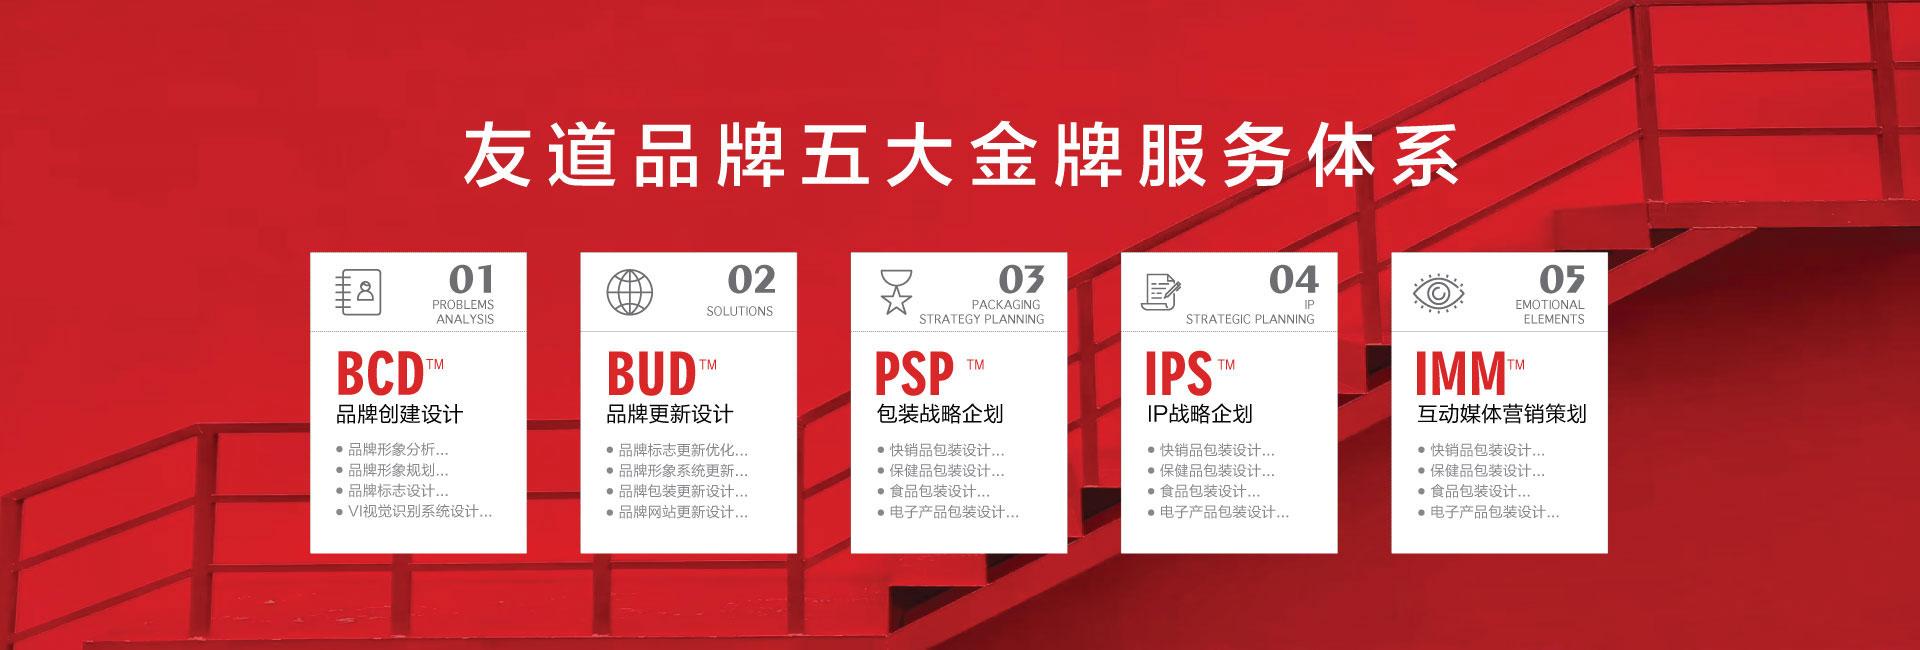 青岛顶尖的广告设计公司-案例2